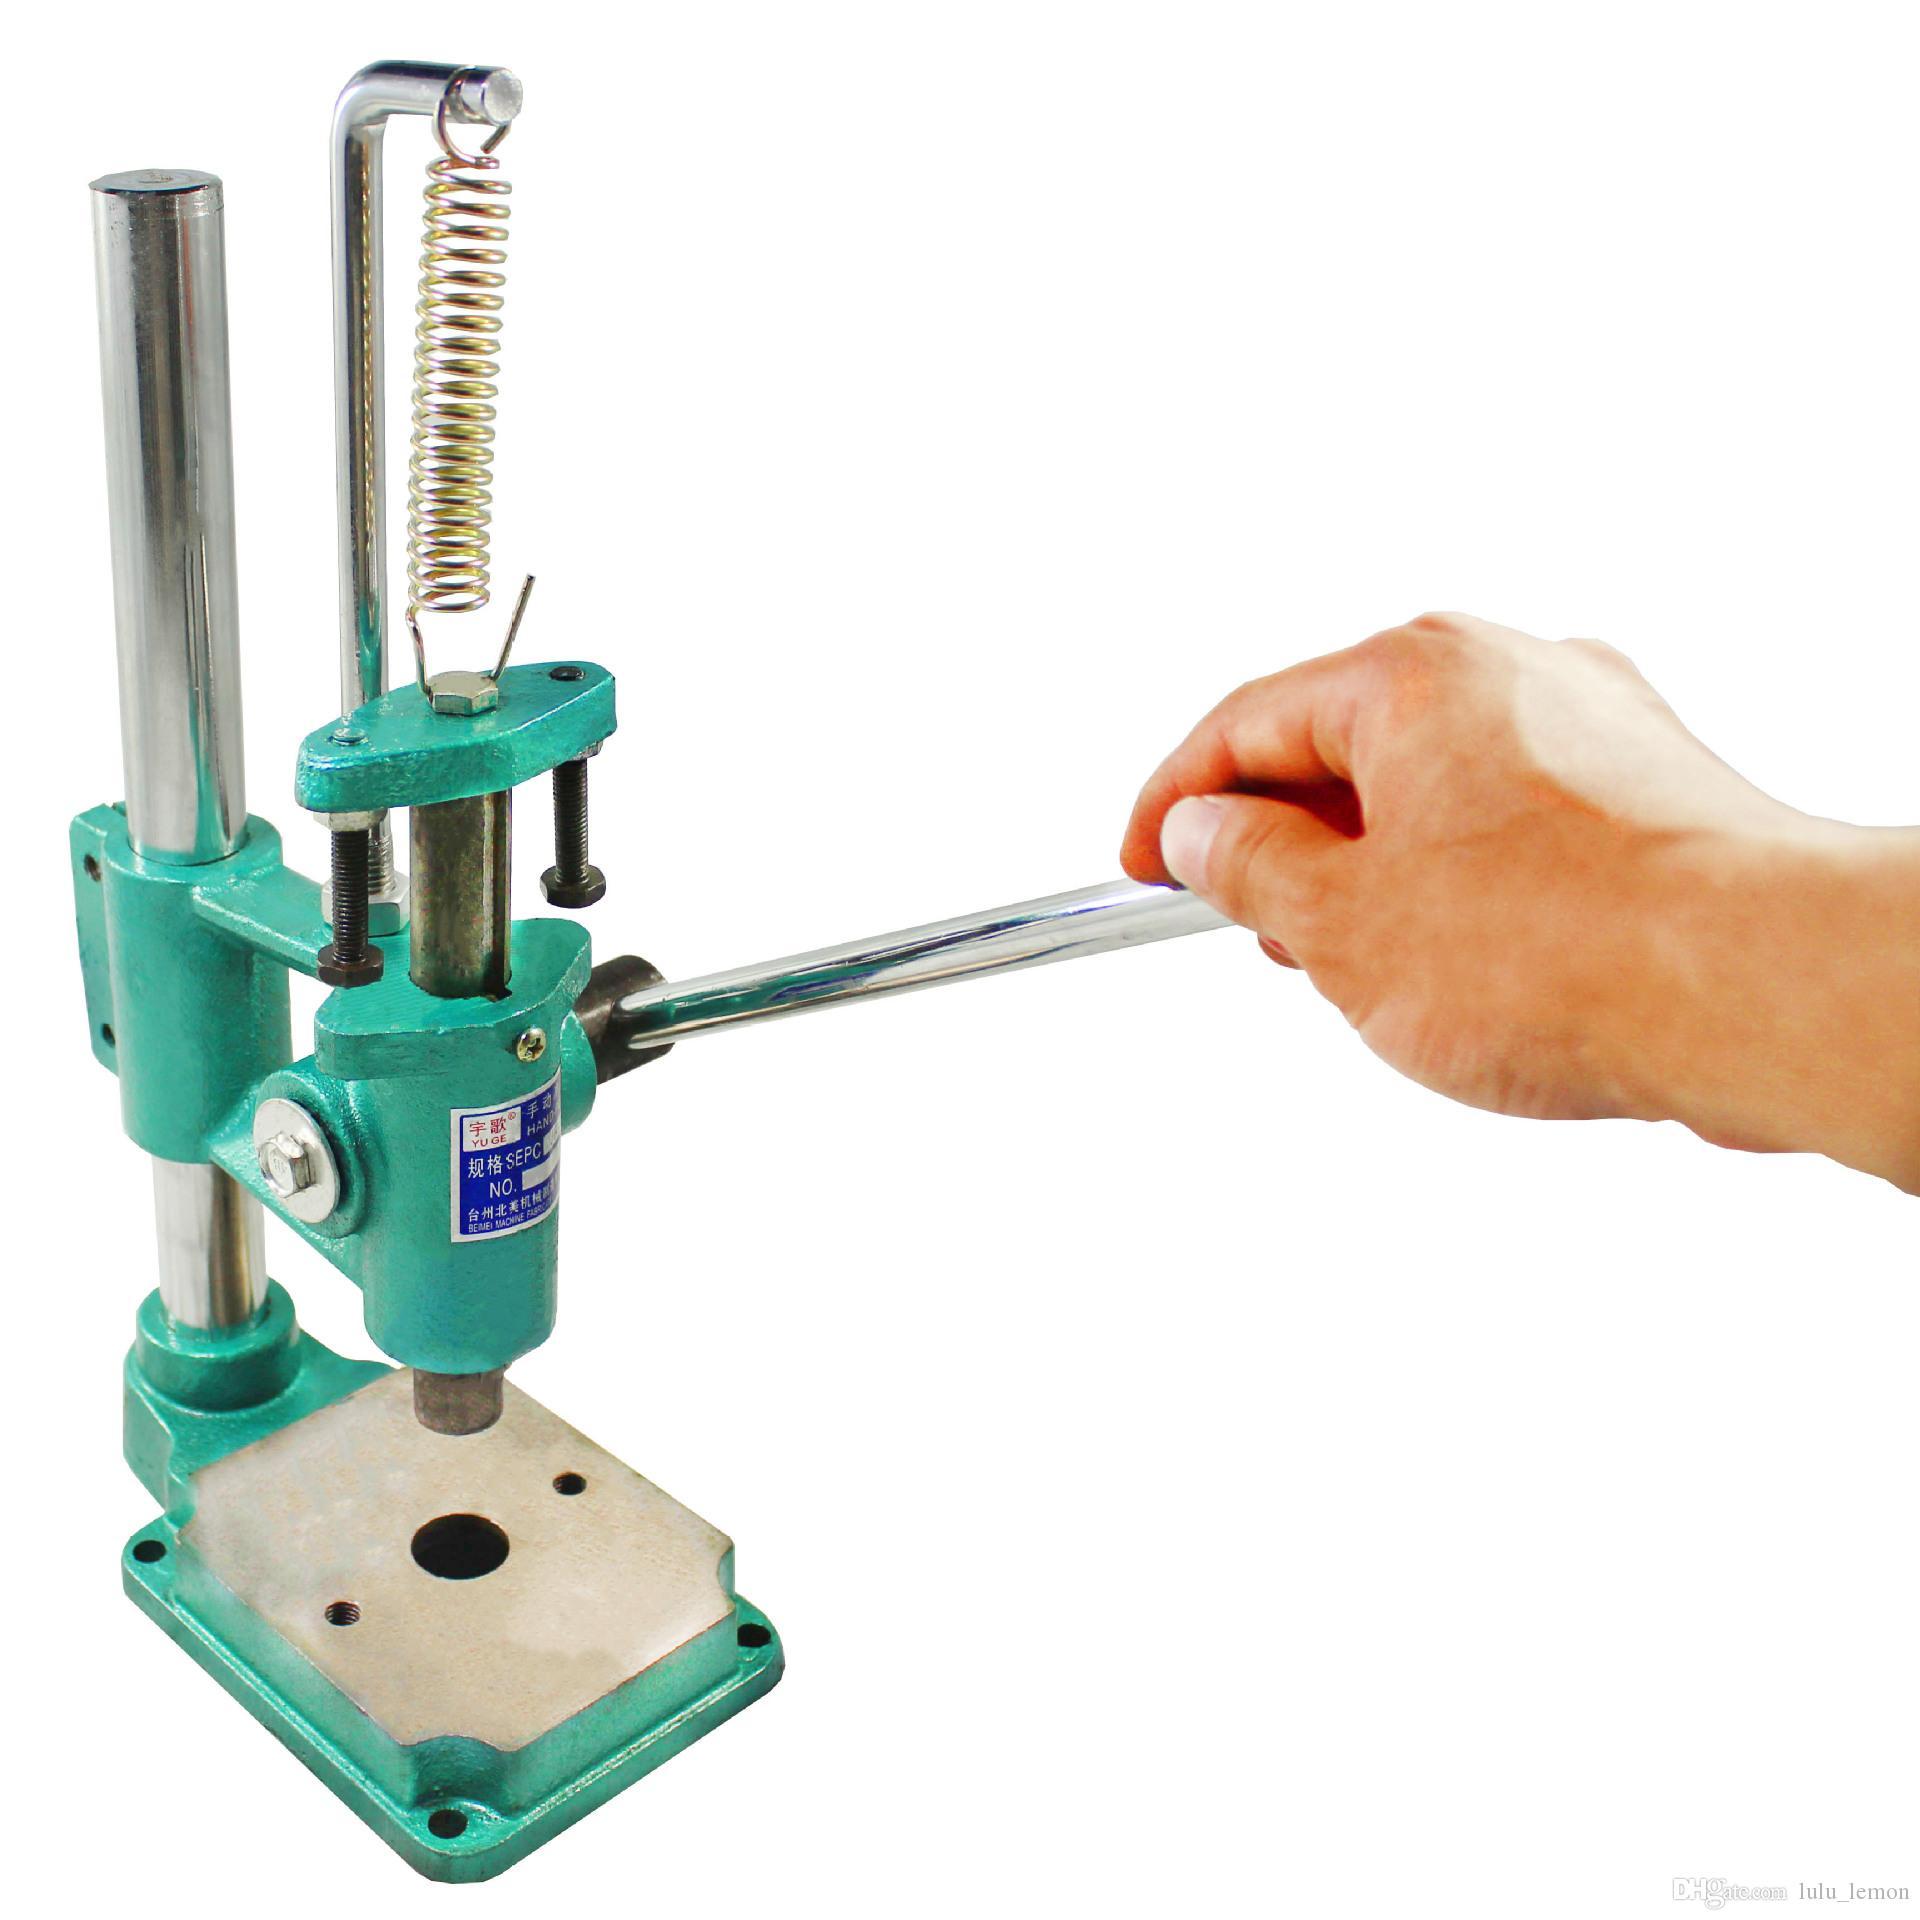 Venda Hot Press Fit Máquina Arbor Press On Tools Para Dank Vapes G5 Prima Dica Boquilhas Carrinhos Pure Um Moonrock Limpar Eureka Cartuchos